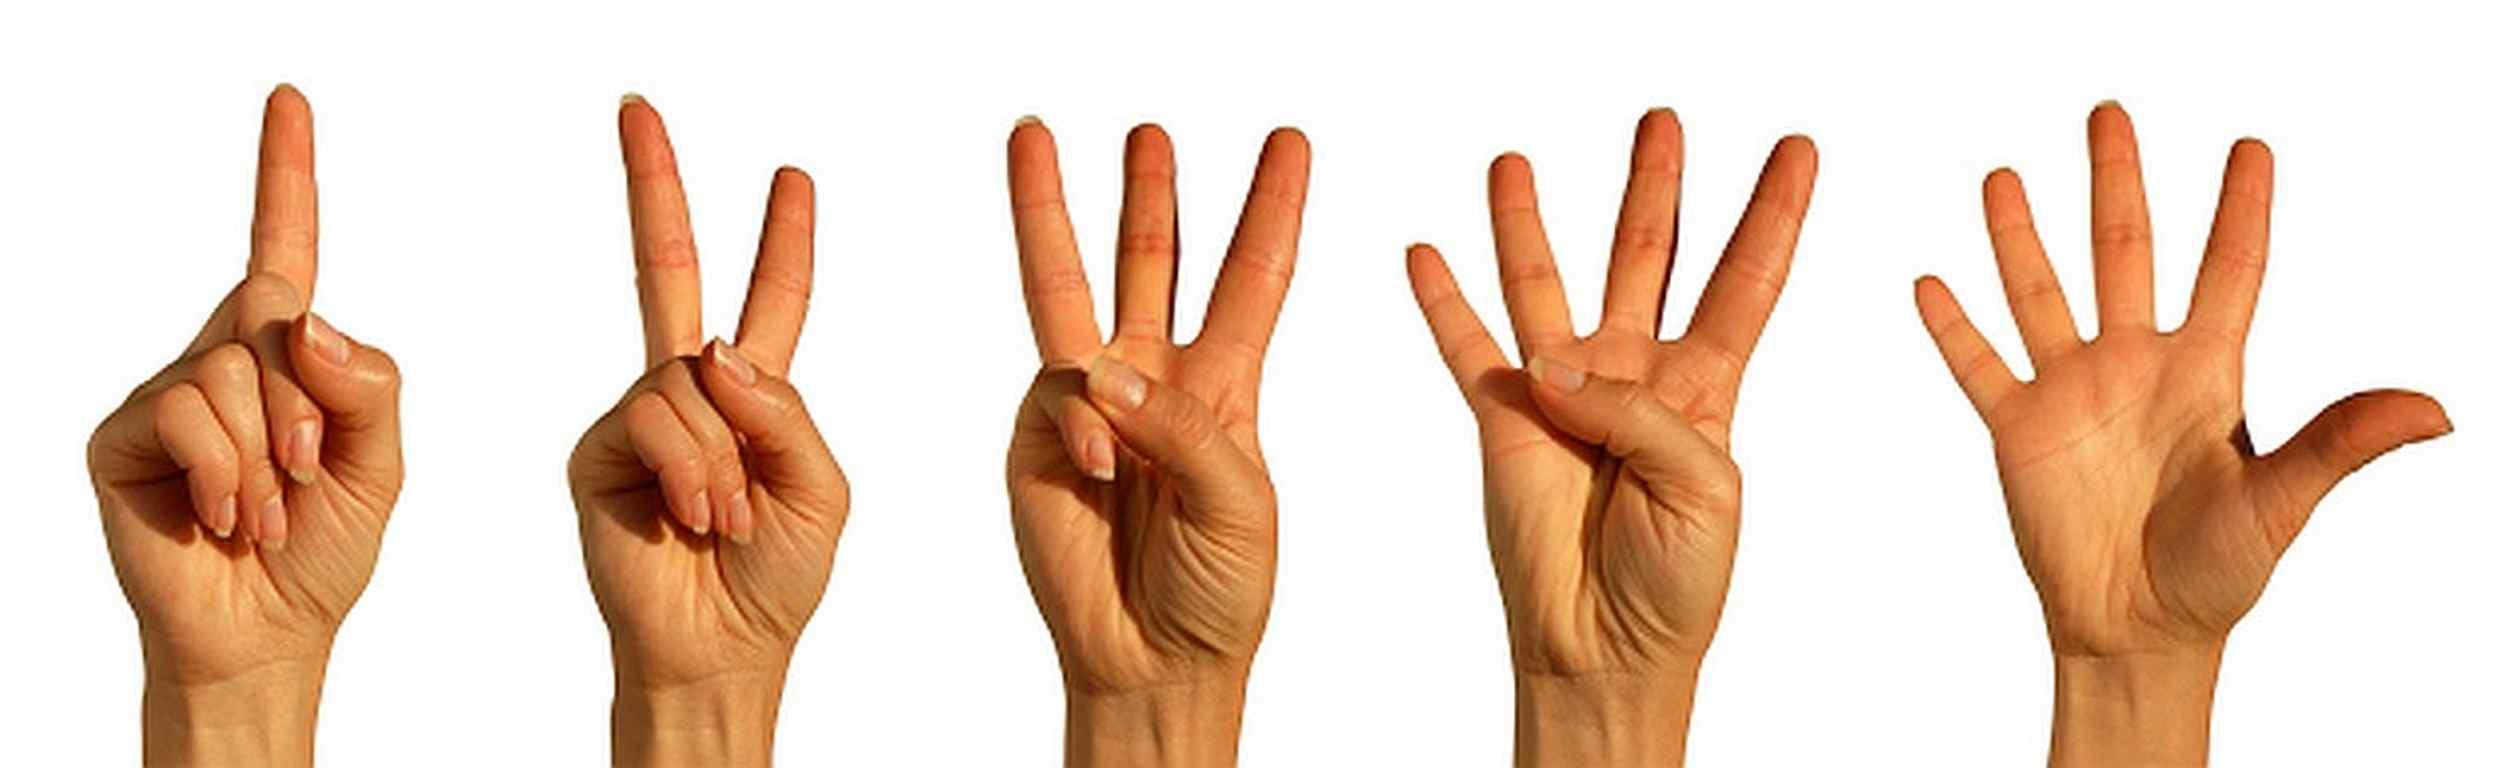 Dedos Lesiones y Enfermedades